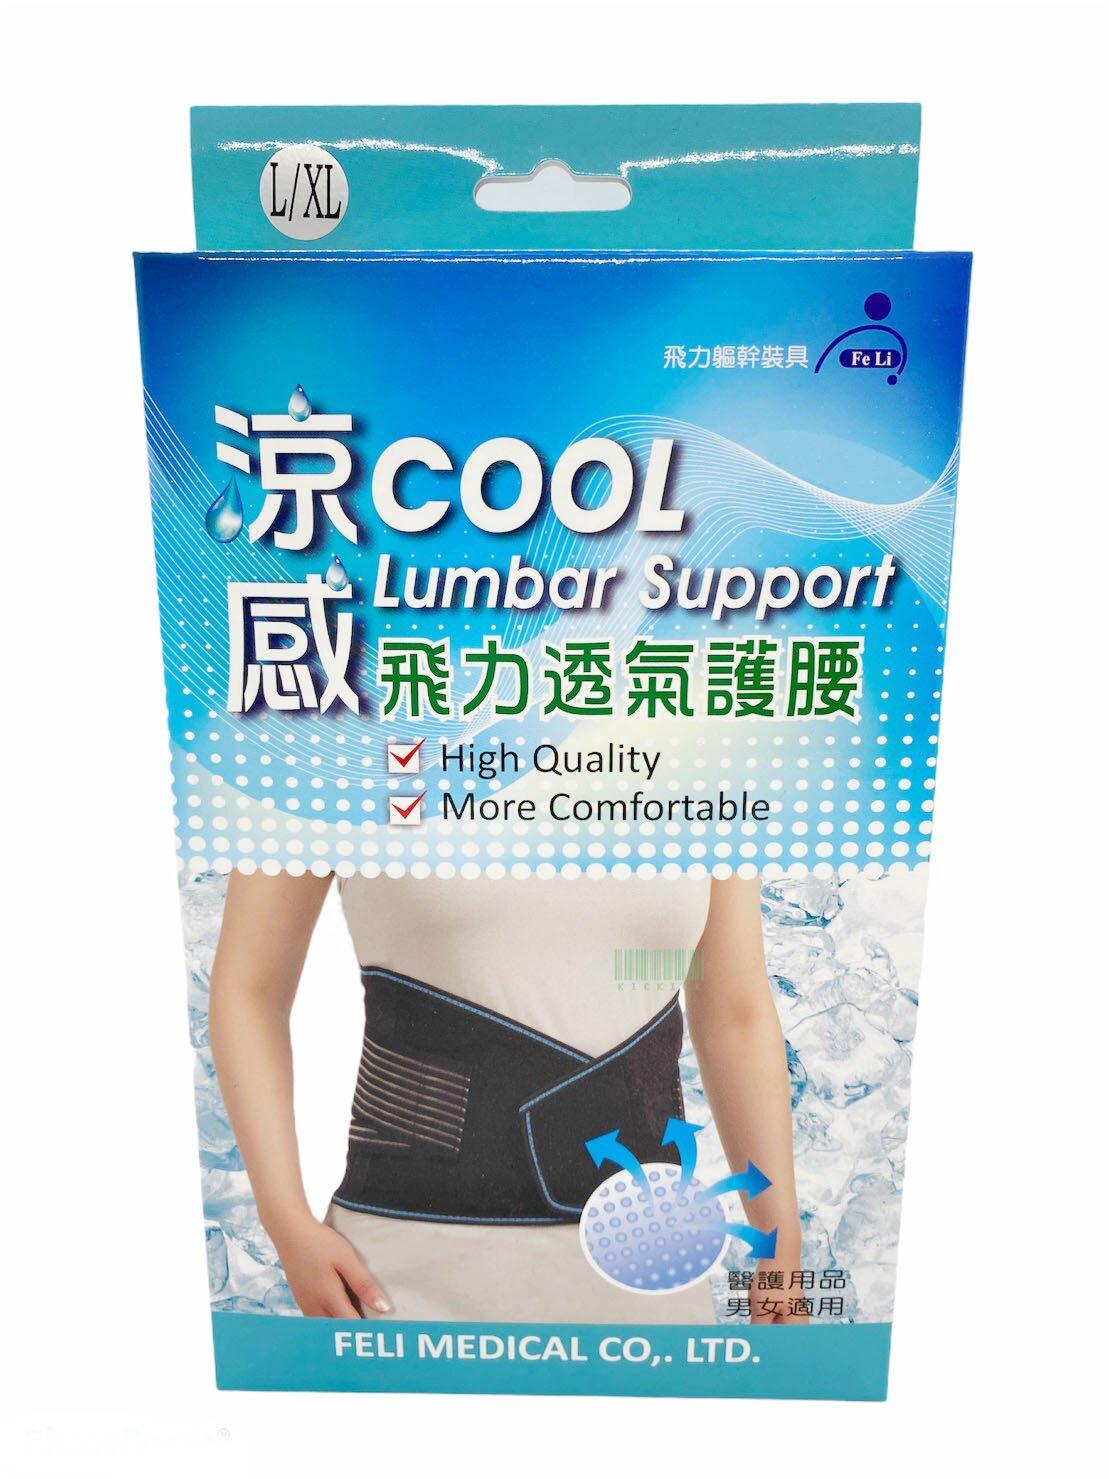 飛力 軀幹護具 開放式 涼感護腰 網布束腹帶 醫療護腰 1枚037991